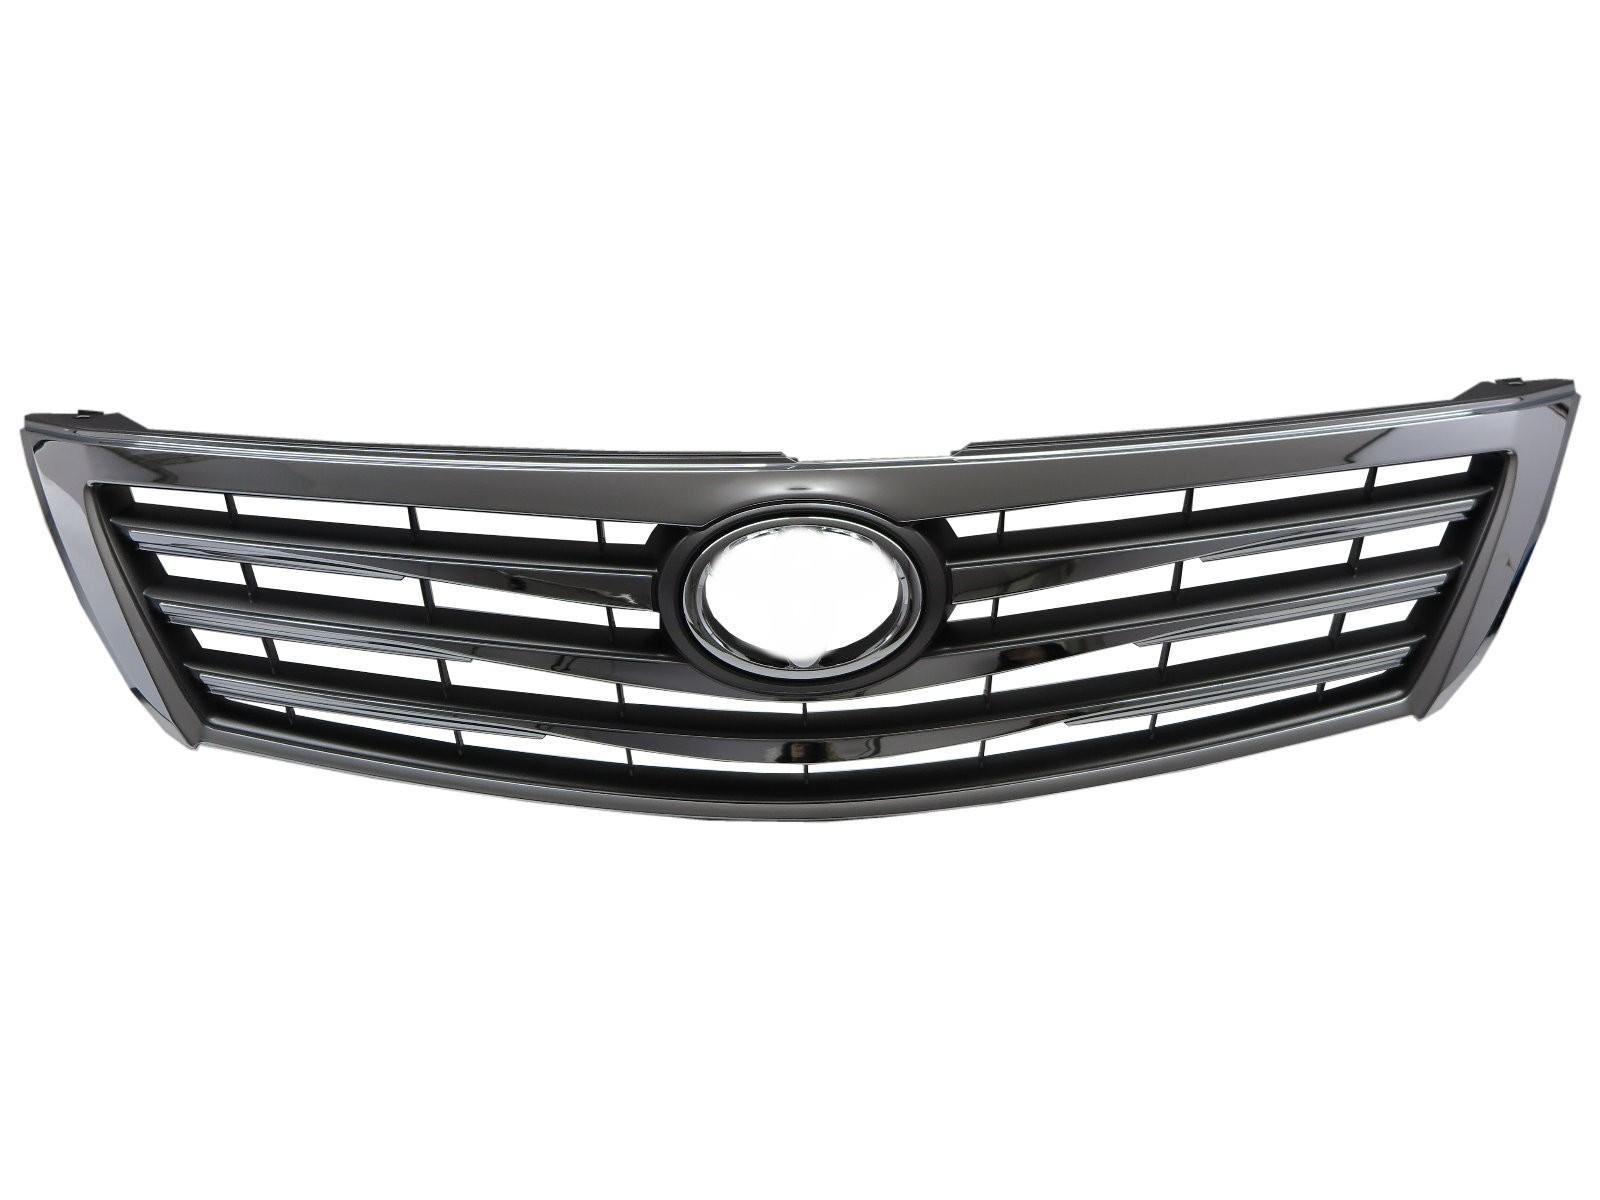 CrazyTheGod AURION XV40 2009-2011 FACELIFT Sedan 4D 4FIN GRILLE/GRILL Chrome for TOYOTA